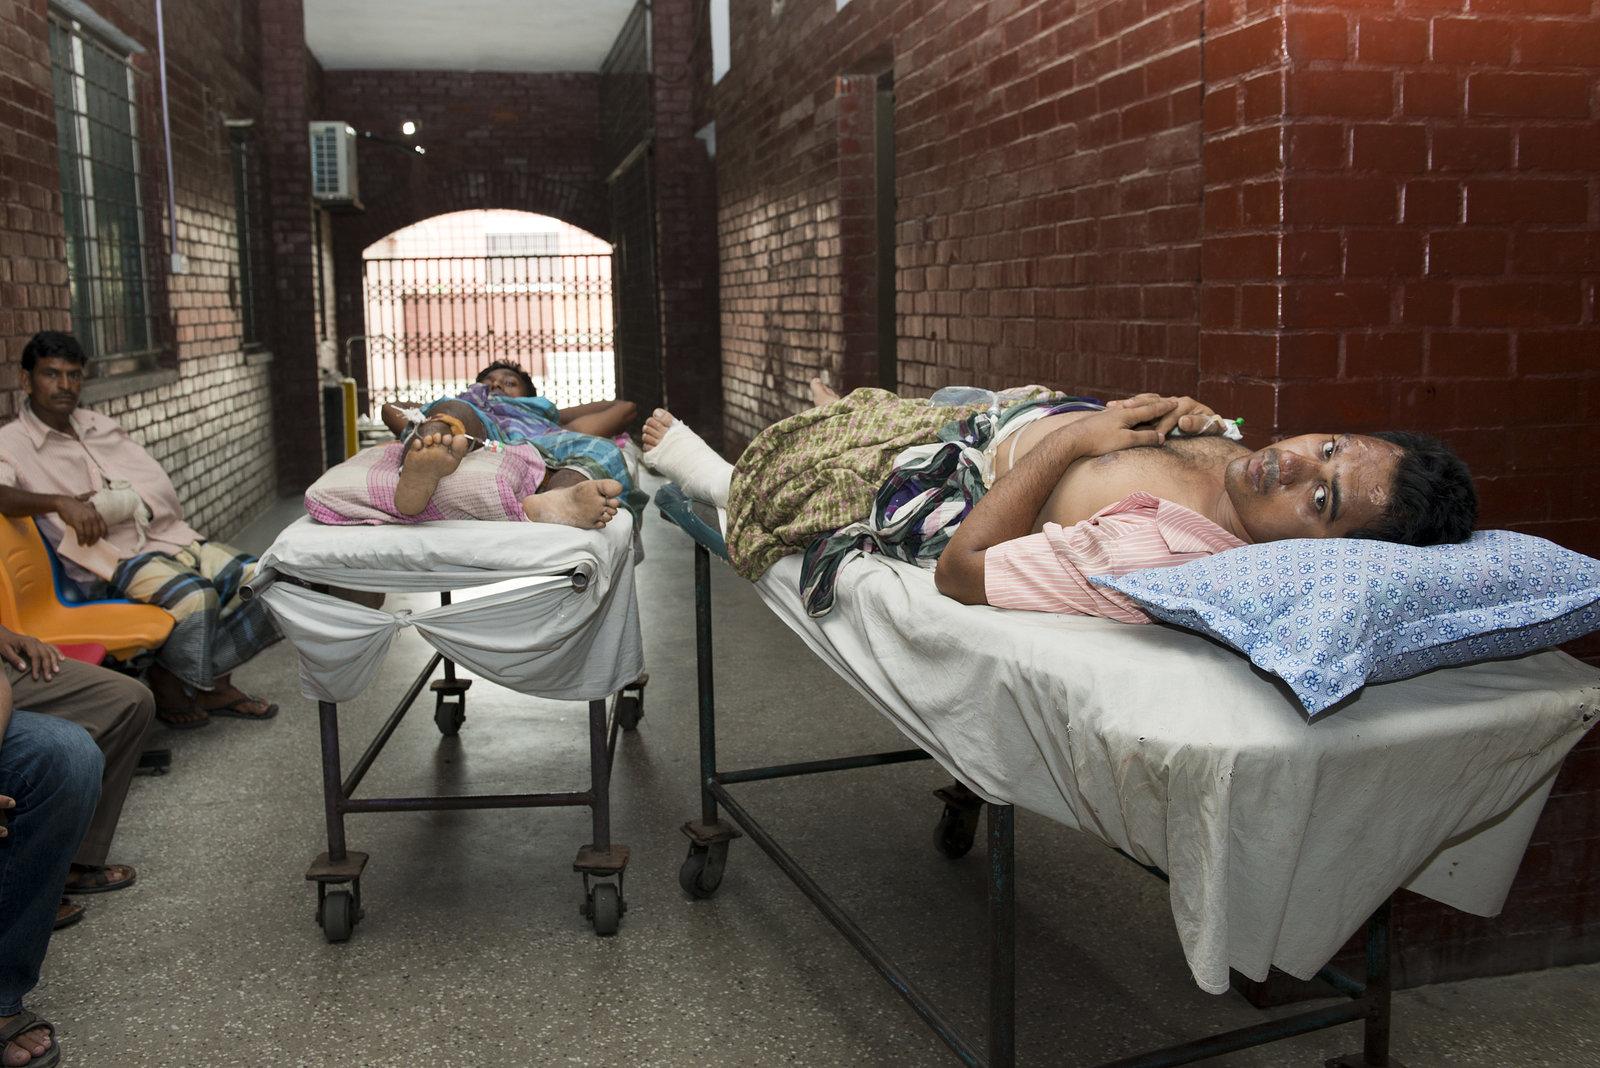 Patients in the Corridor